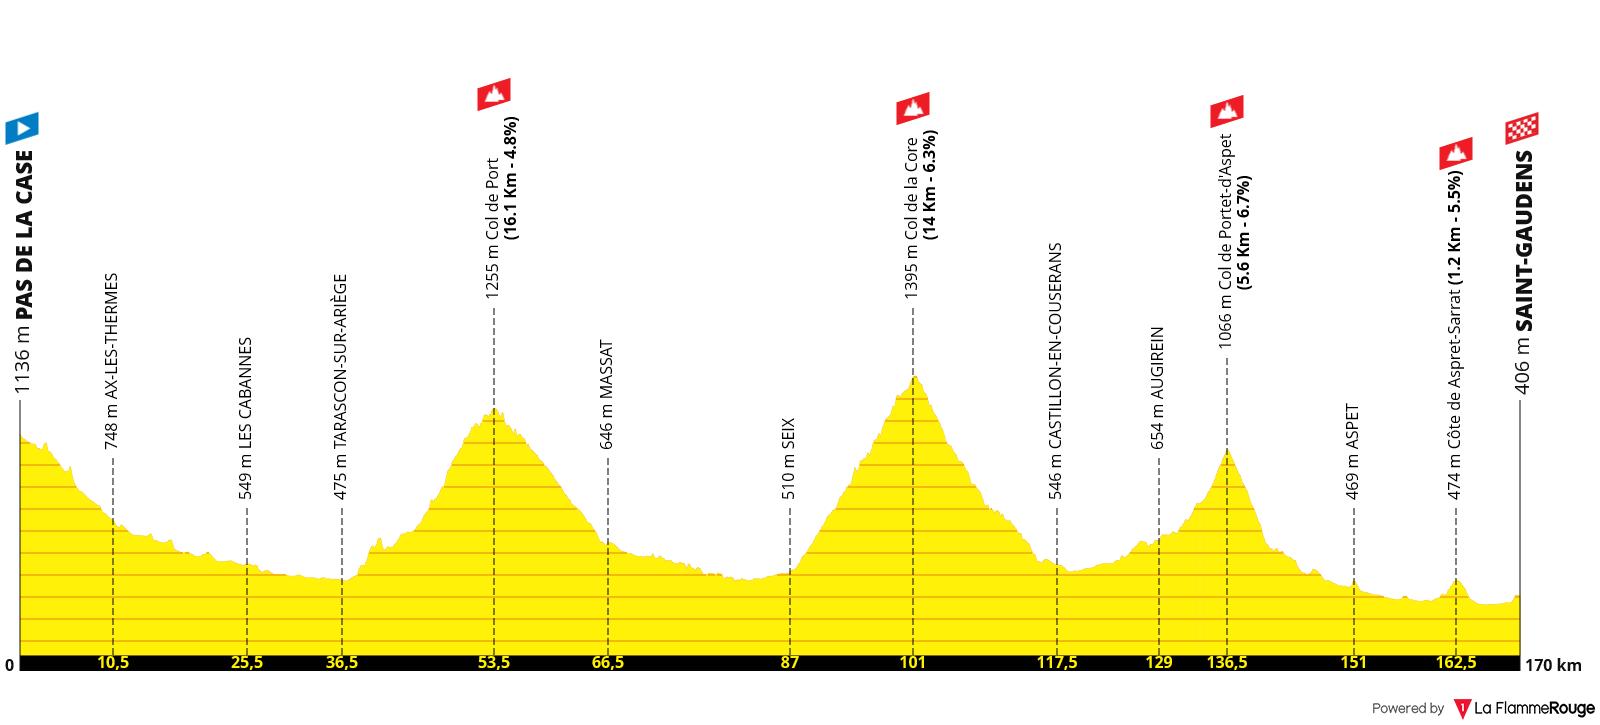 Etapa 16 - Tour de Francia 2021